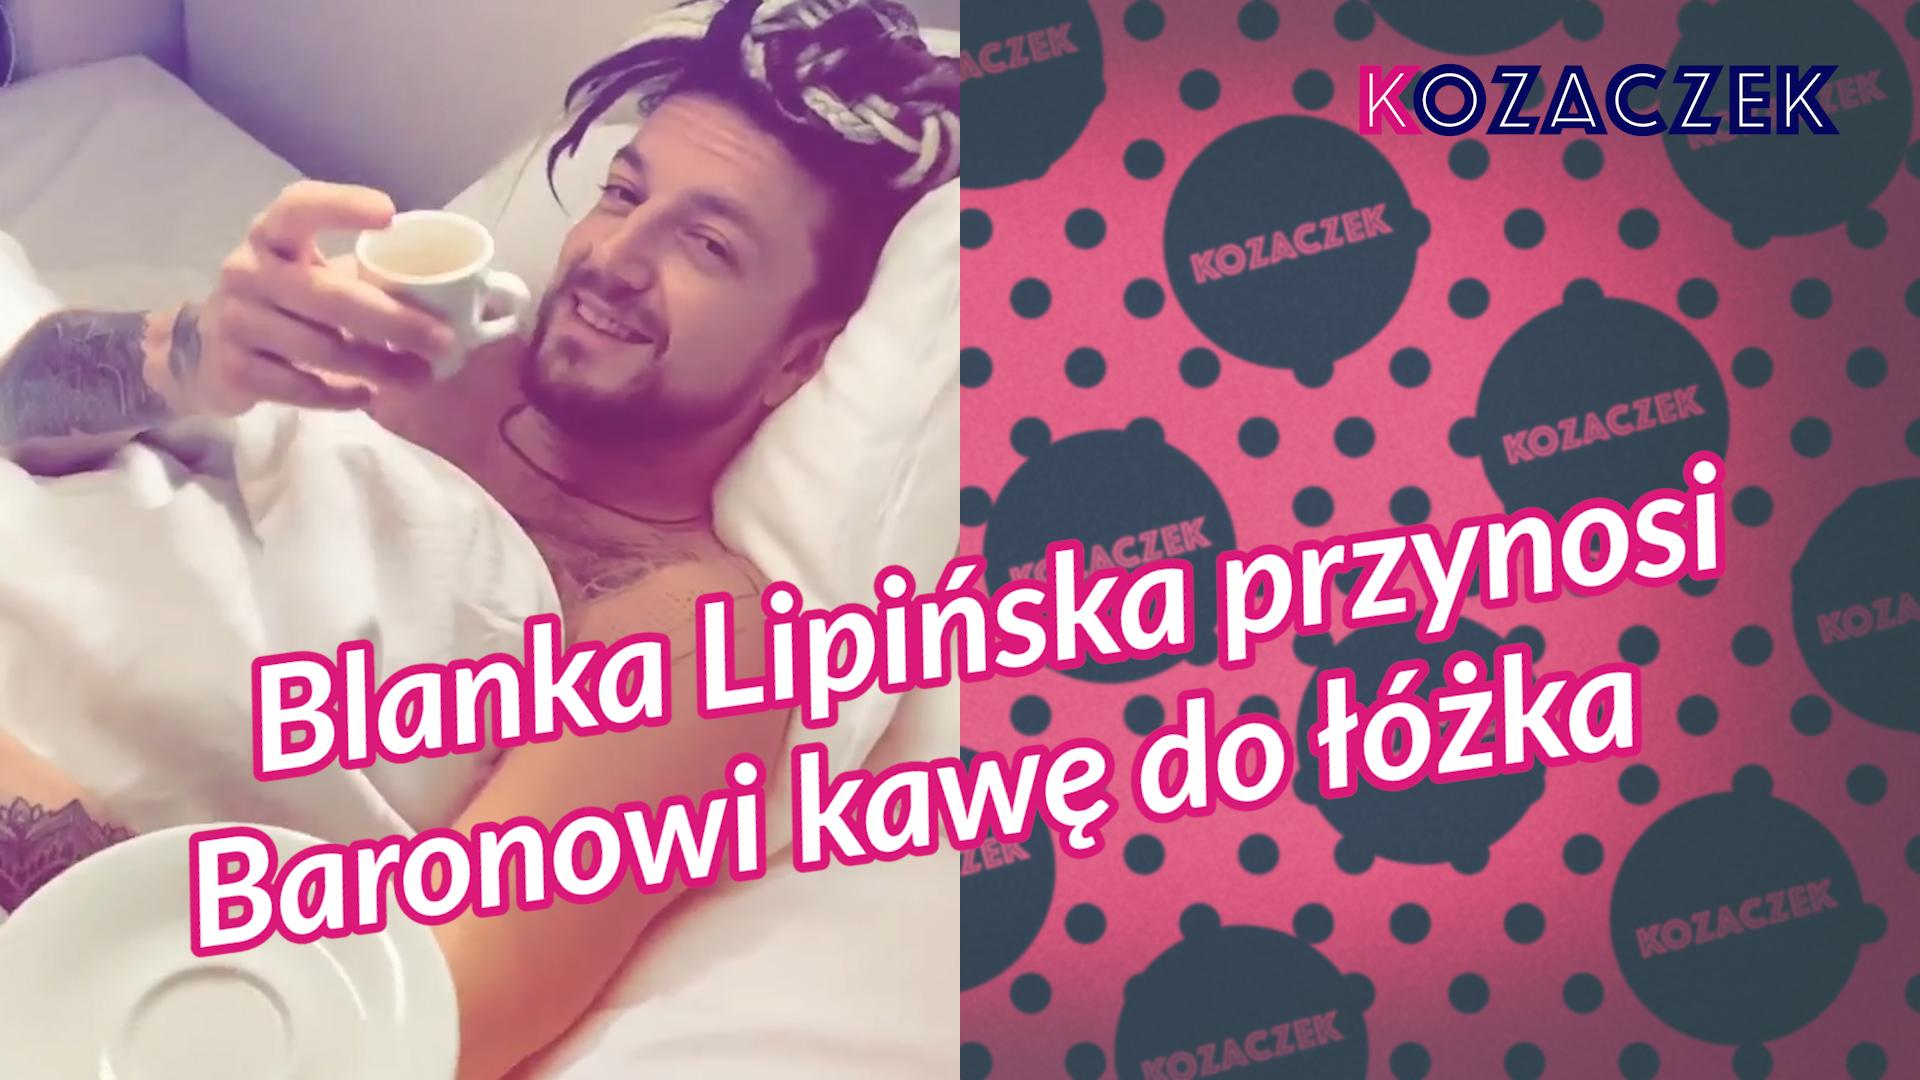 Blanka Lipińska przynosi Baronowi kawę do łóżka